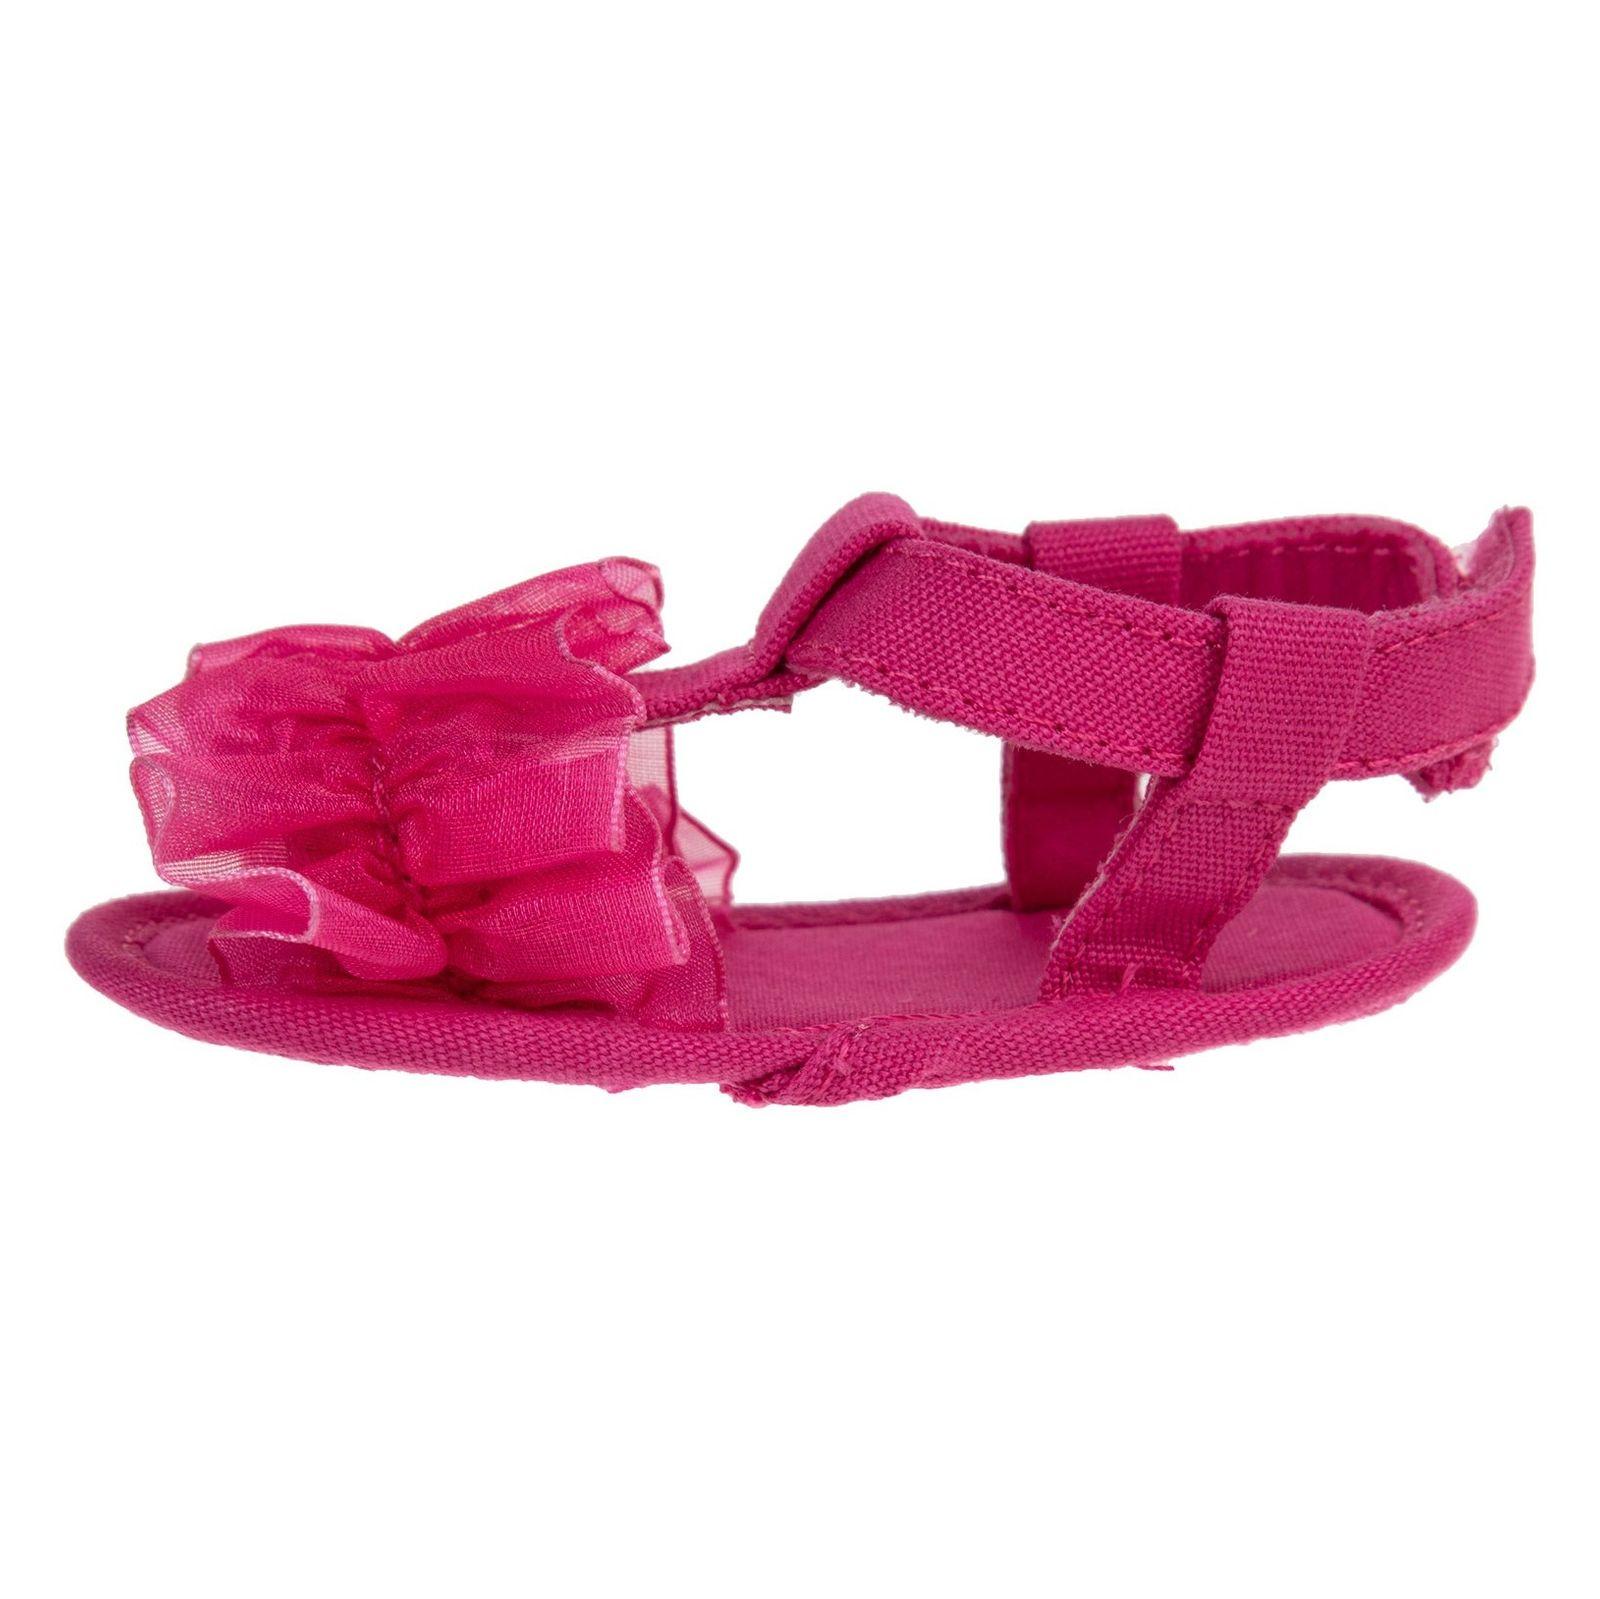 کفش چسبی نوزادی دخترانه - بلوکیدز - صورتی - 2